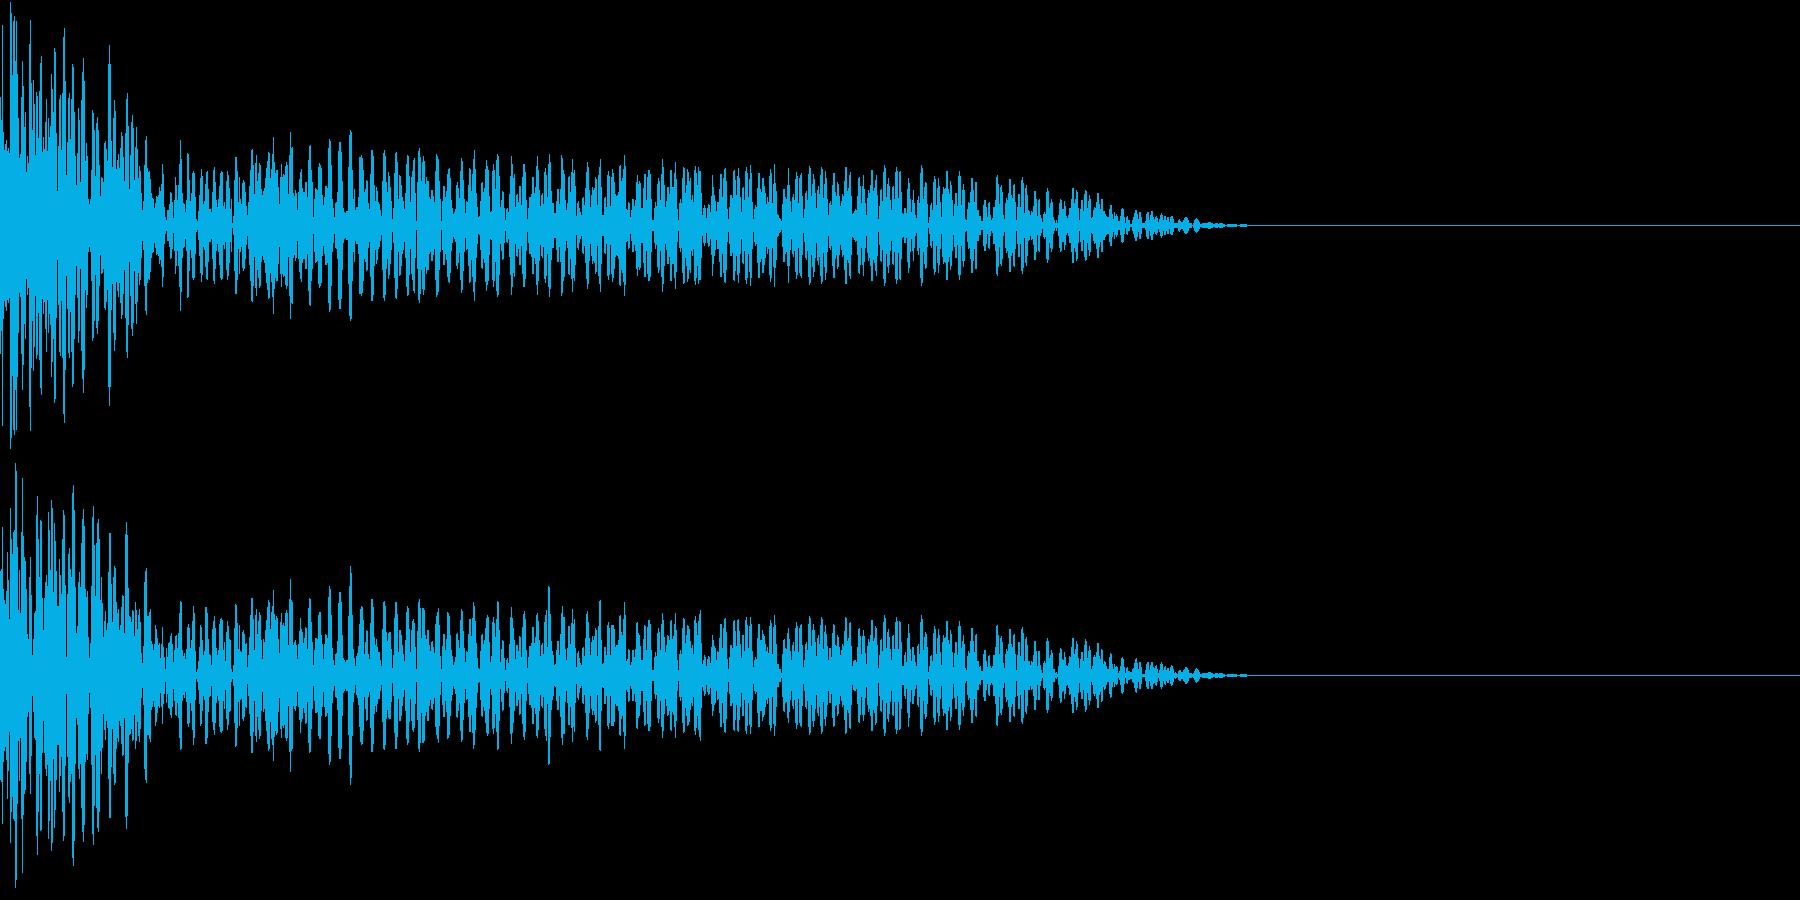 クリエイター様向け!EDMバスドラム2Aの再生済みの波形